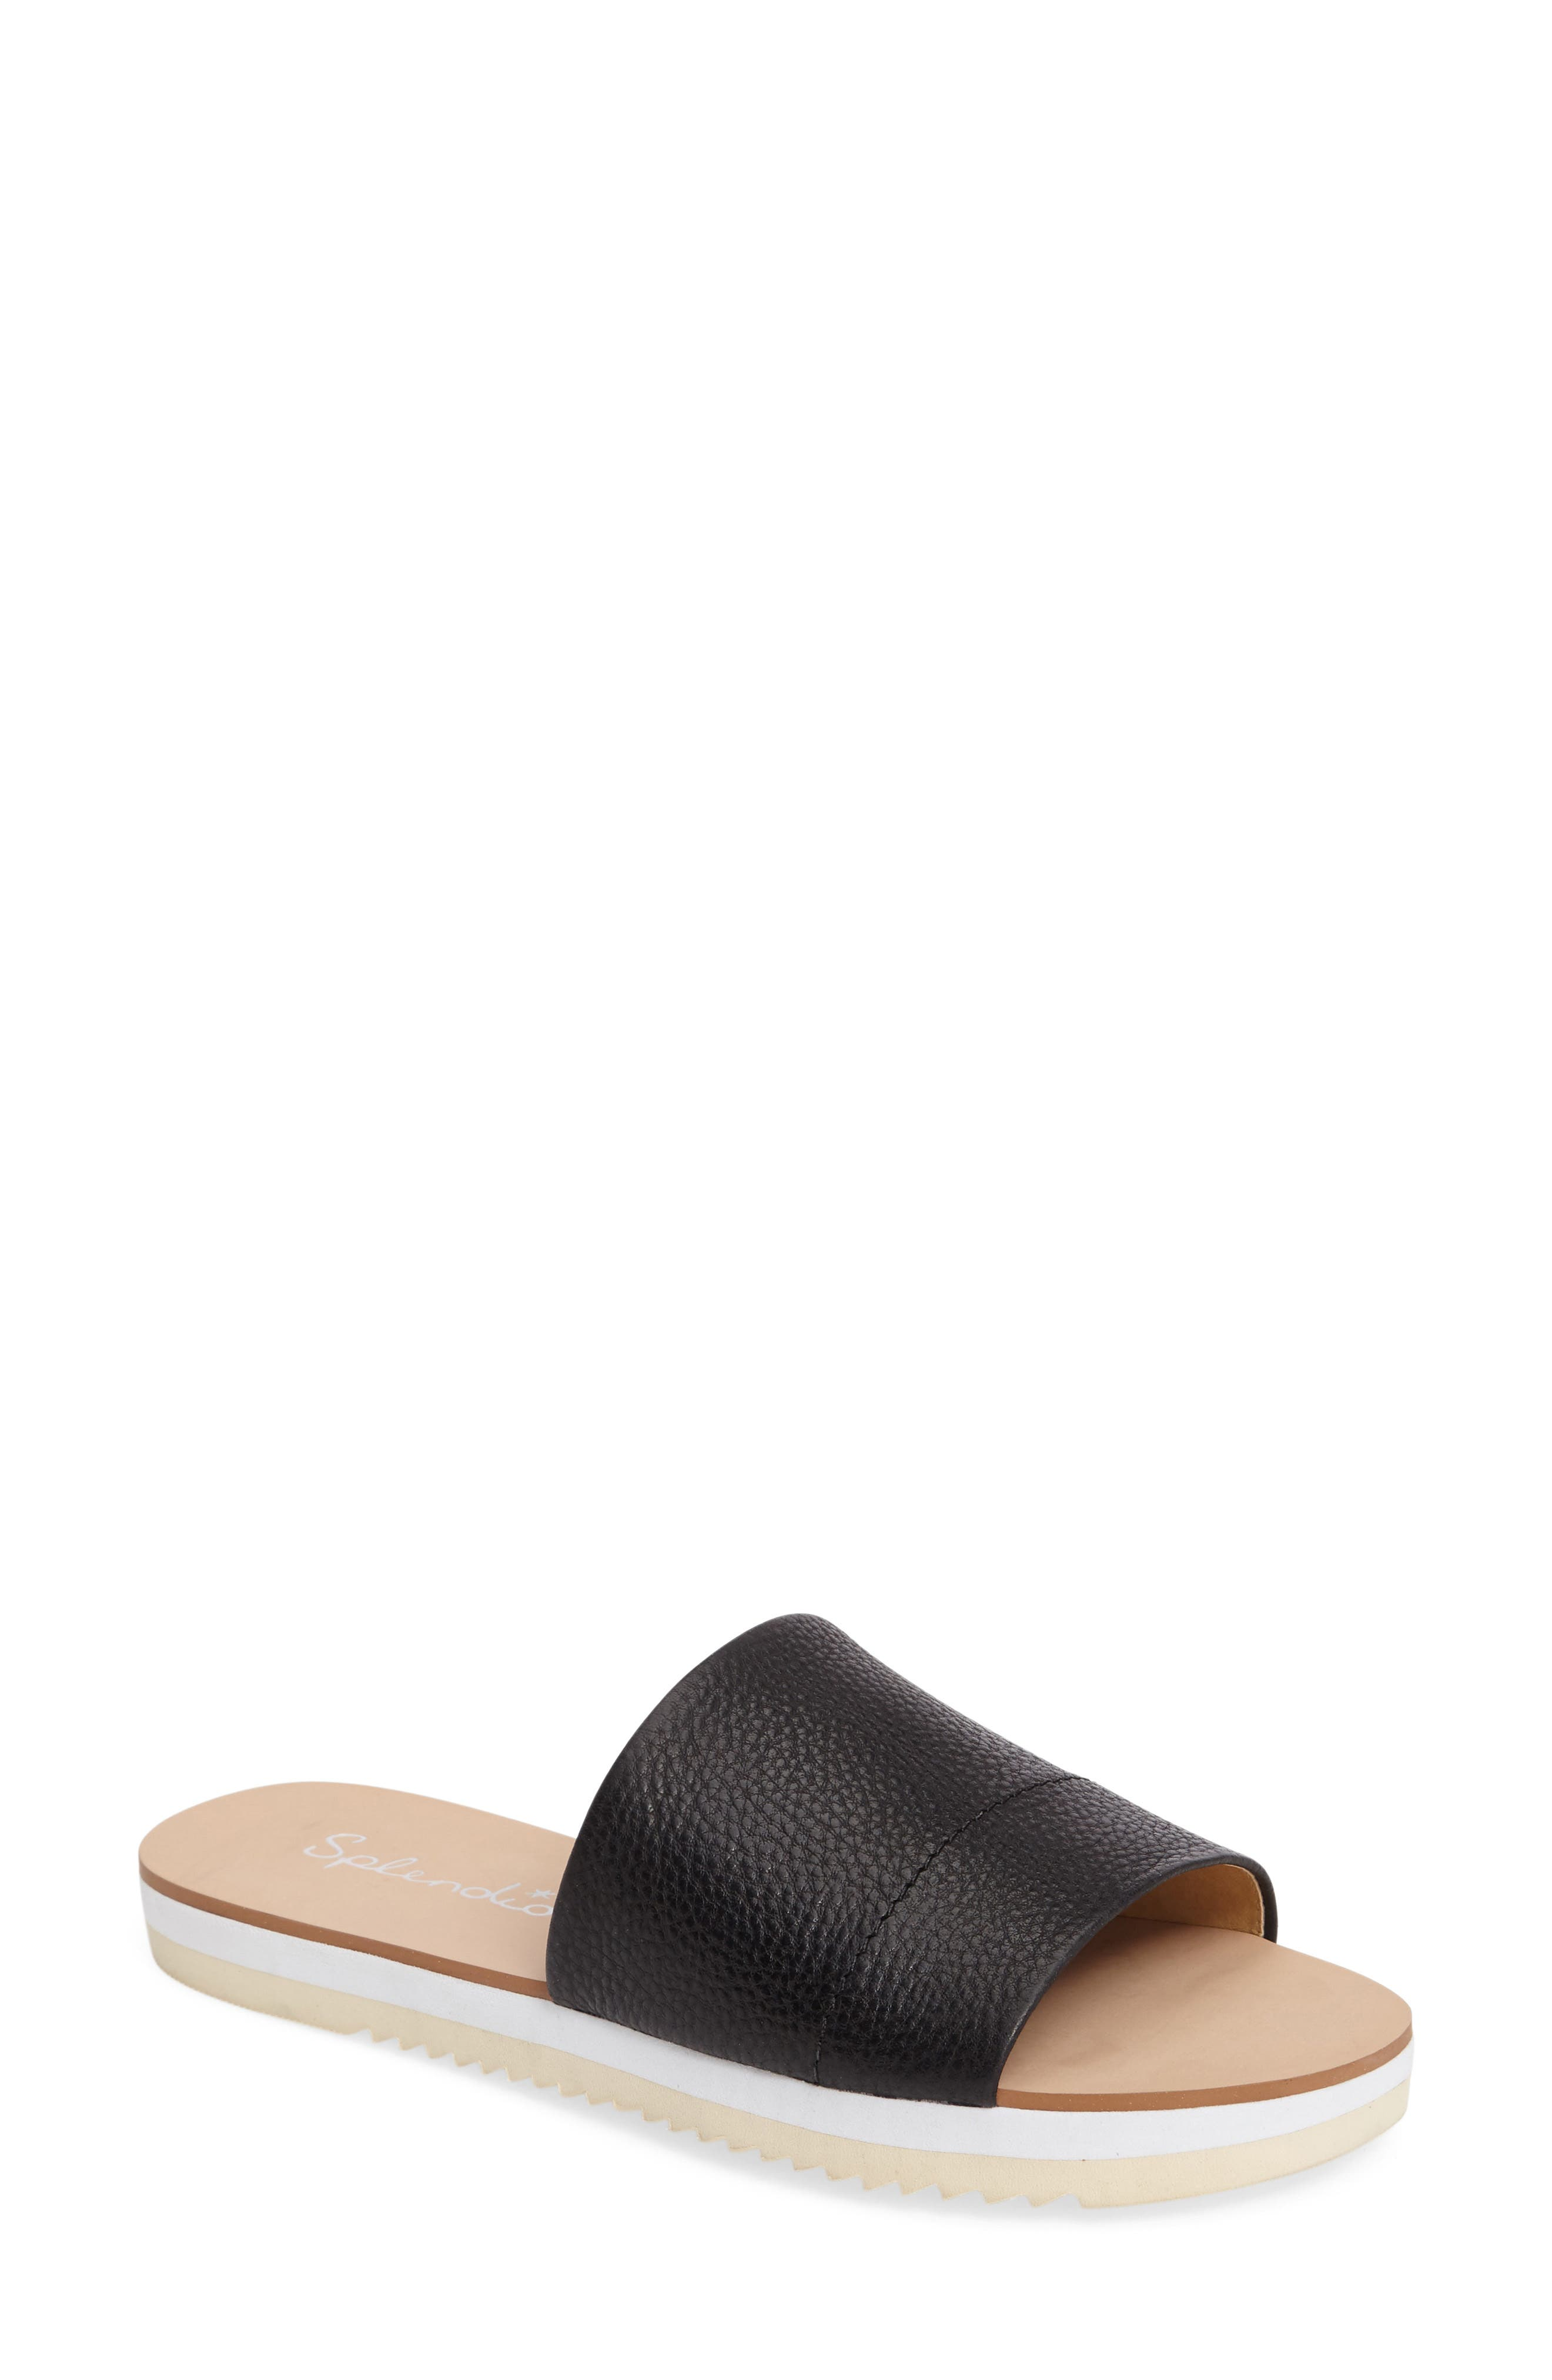 Jazz Slide Sandal,                         Main,                         color, Black Leather